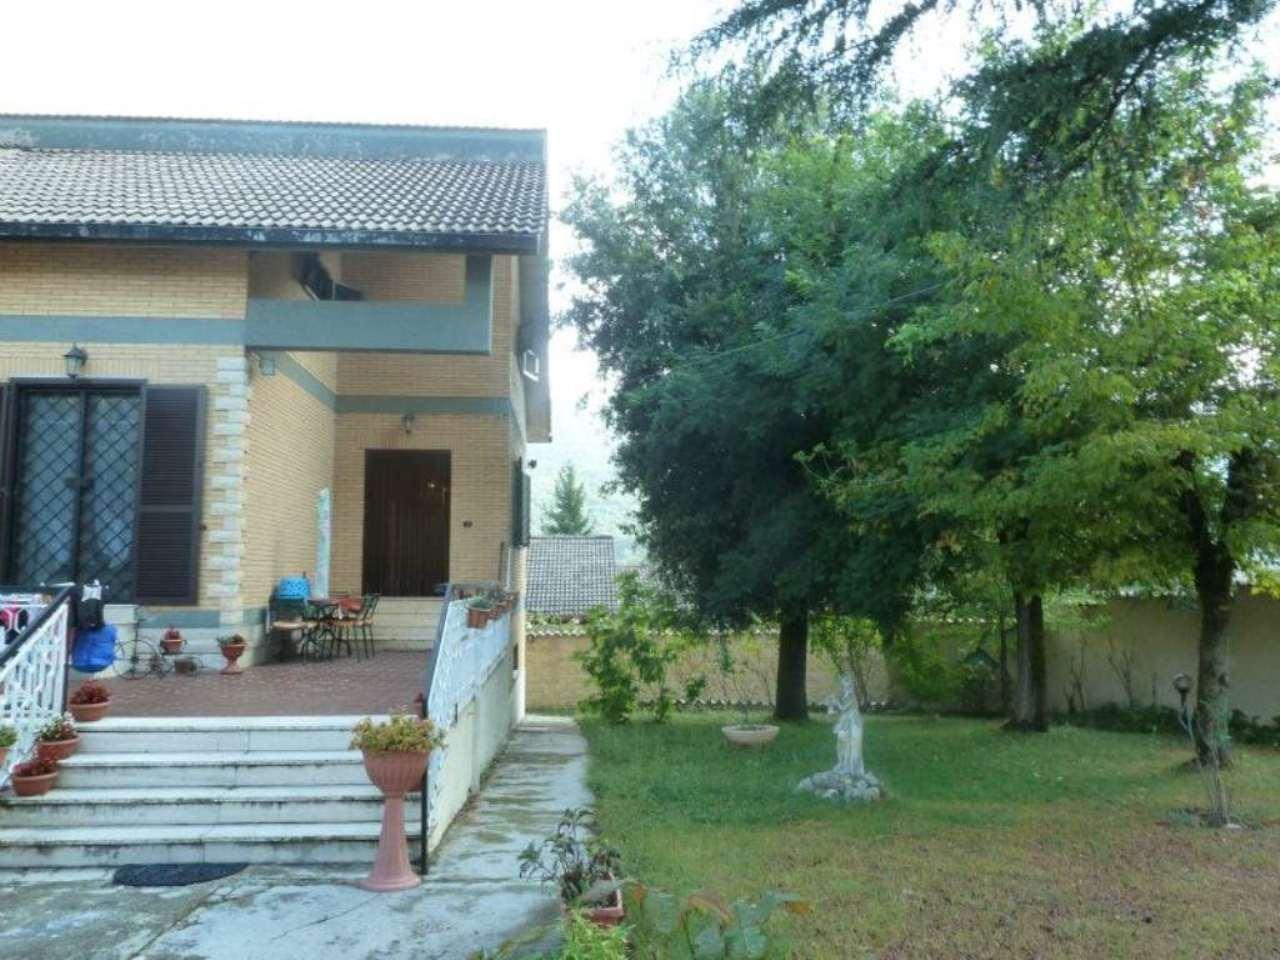 Villa in vendita a Rocca di Botte, 10 locali, prezzo € 280.000 | Cambio Casa.it